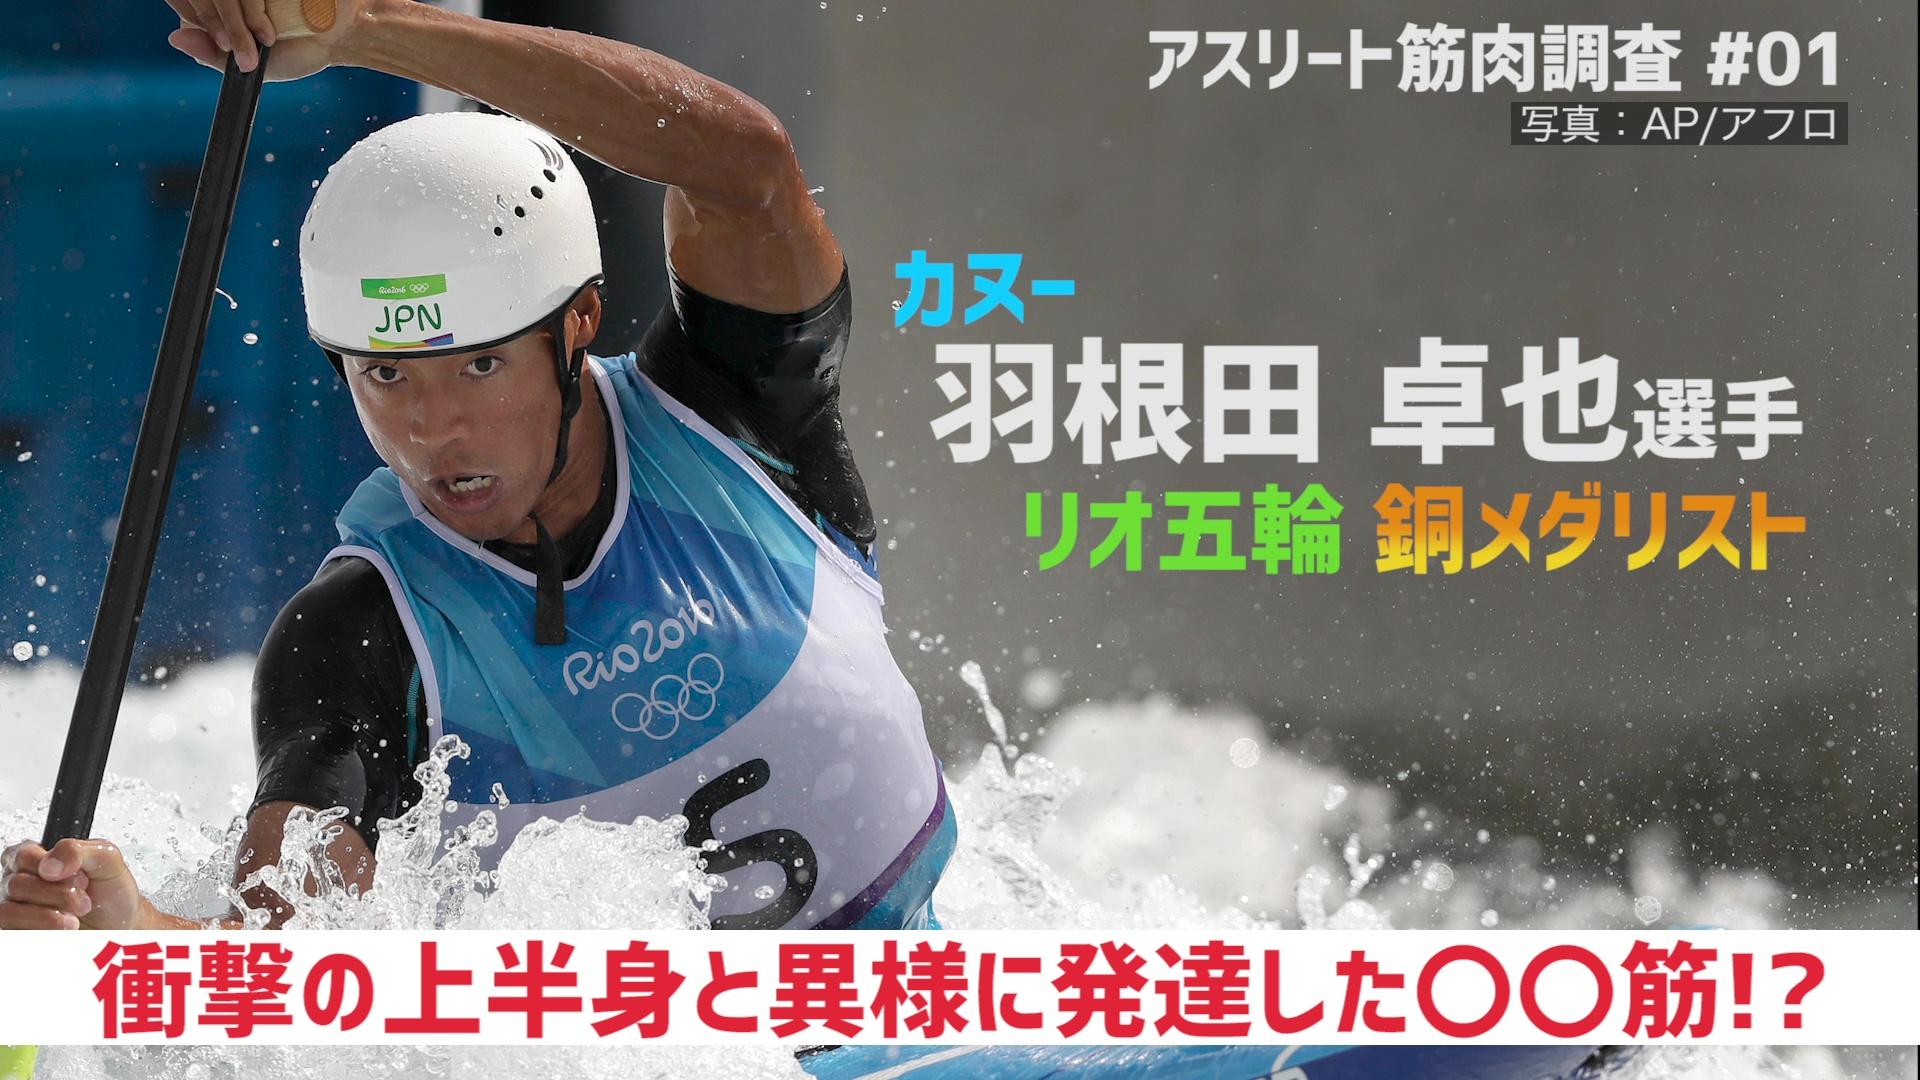 【アスリート筋肉調査 #01】カヌー・羽根田卓也 衝撃の35キロ懸垂